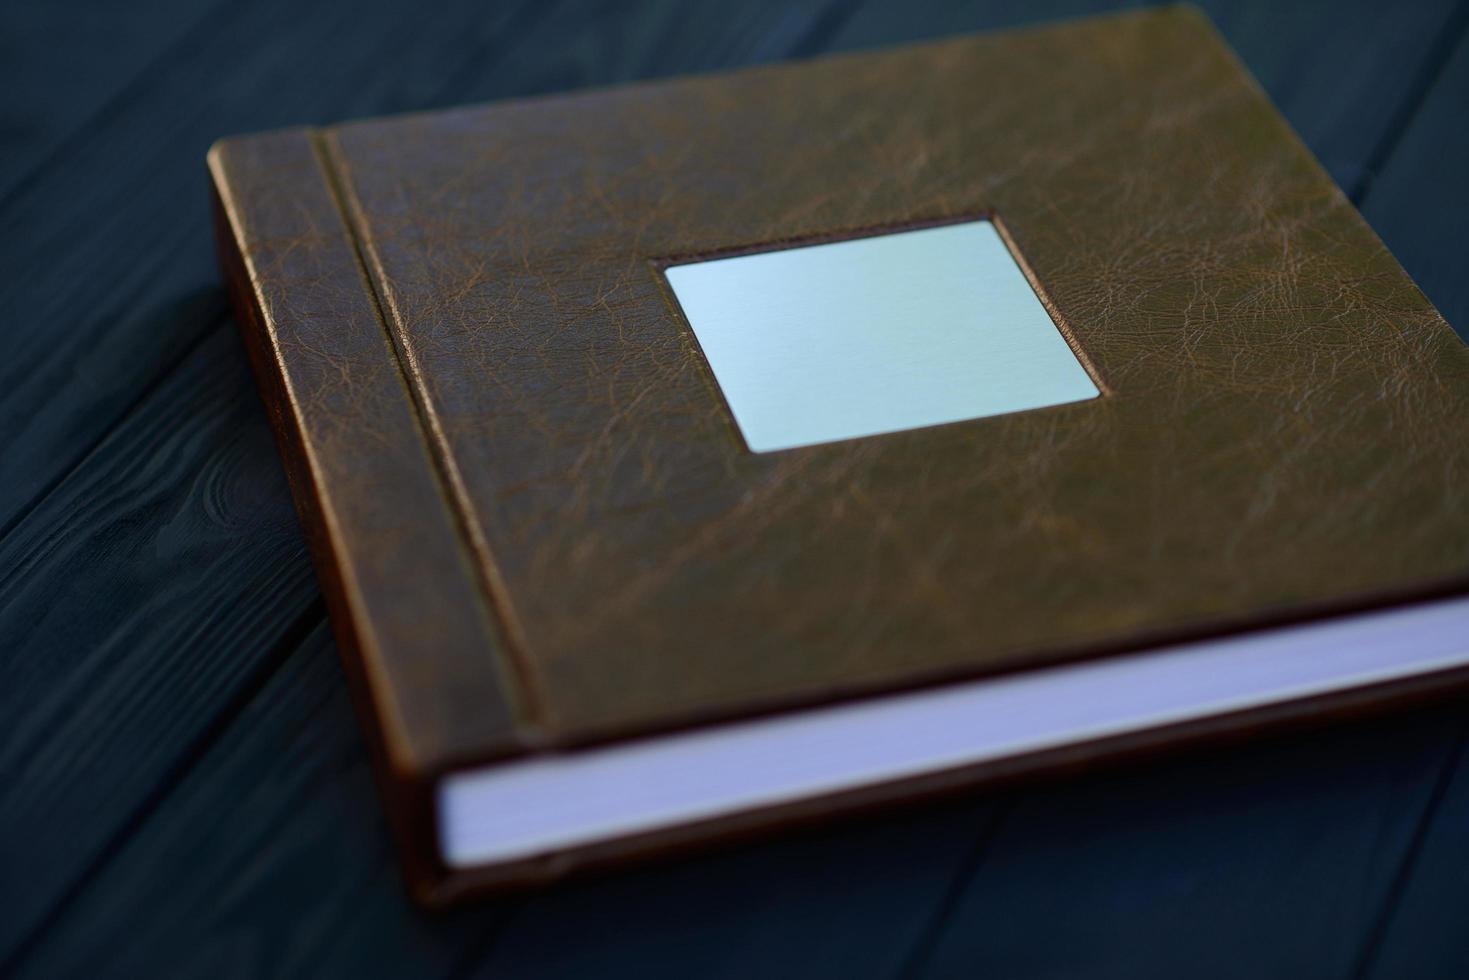 una placa de metal en la portada de un libro de fotos de cuero marrón sobre un fondo de madera negra.